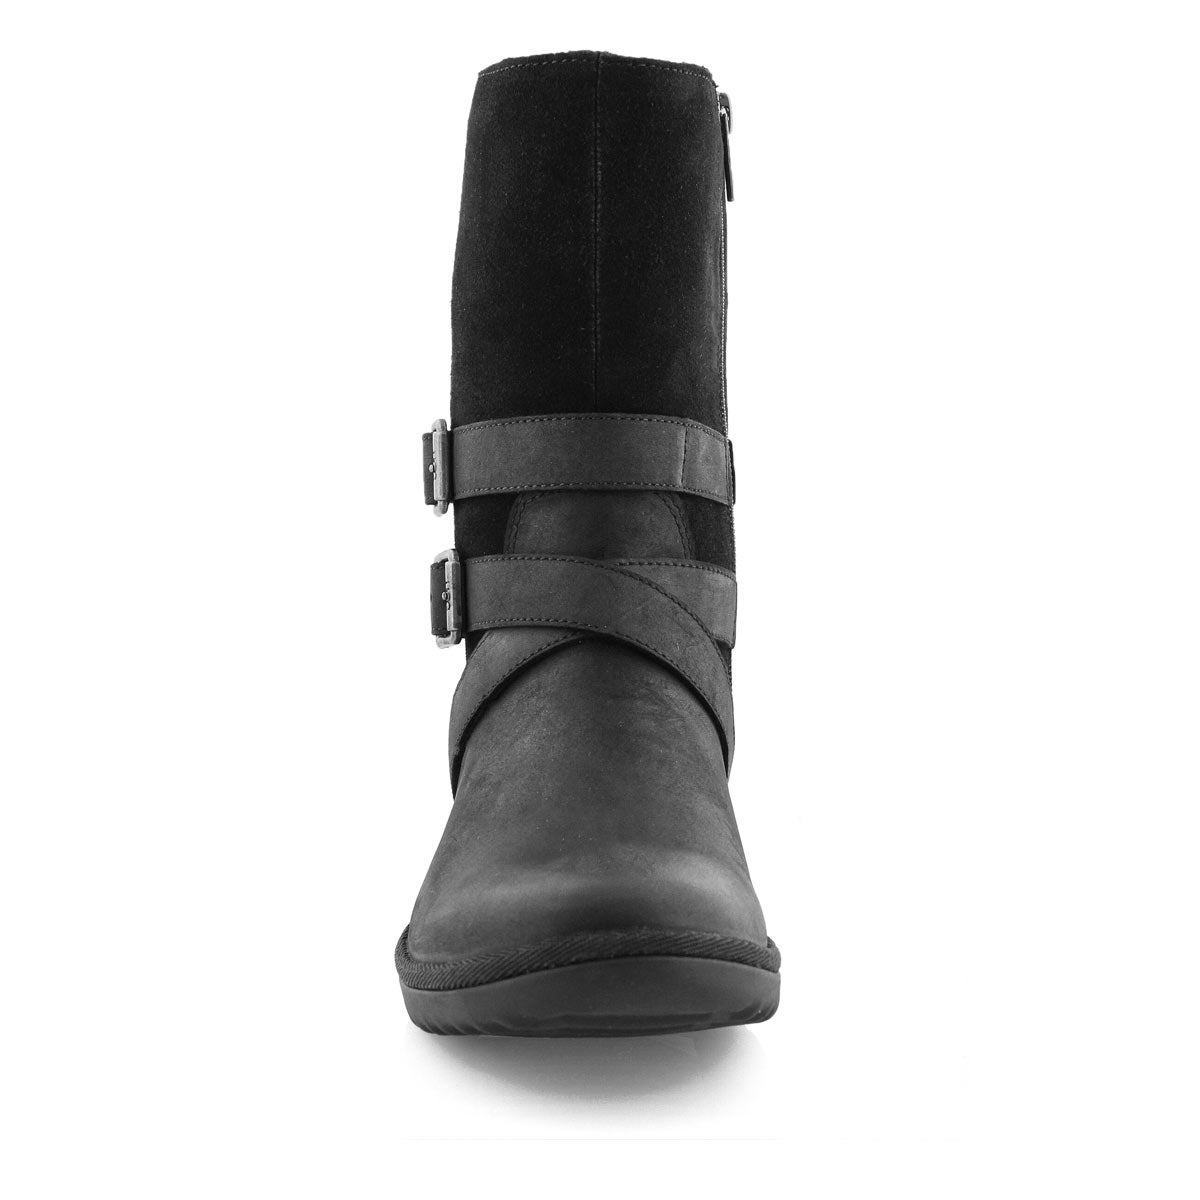 Lds Lorna black side zip wtpf boot